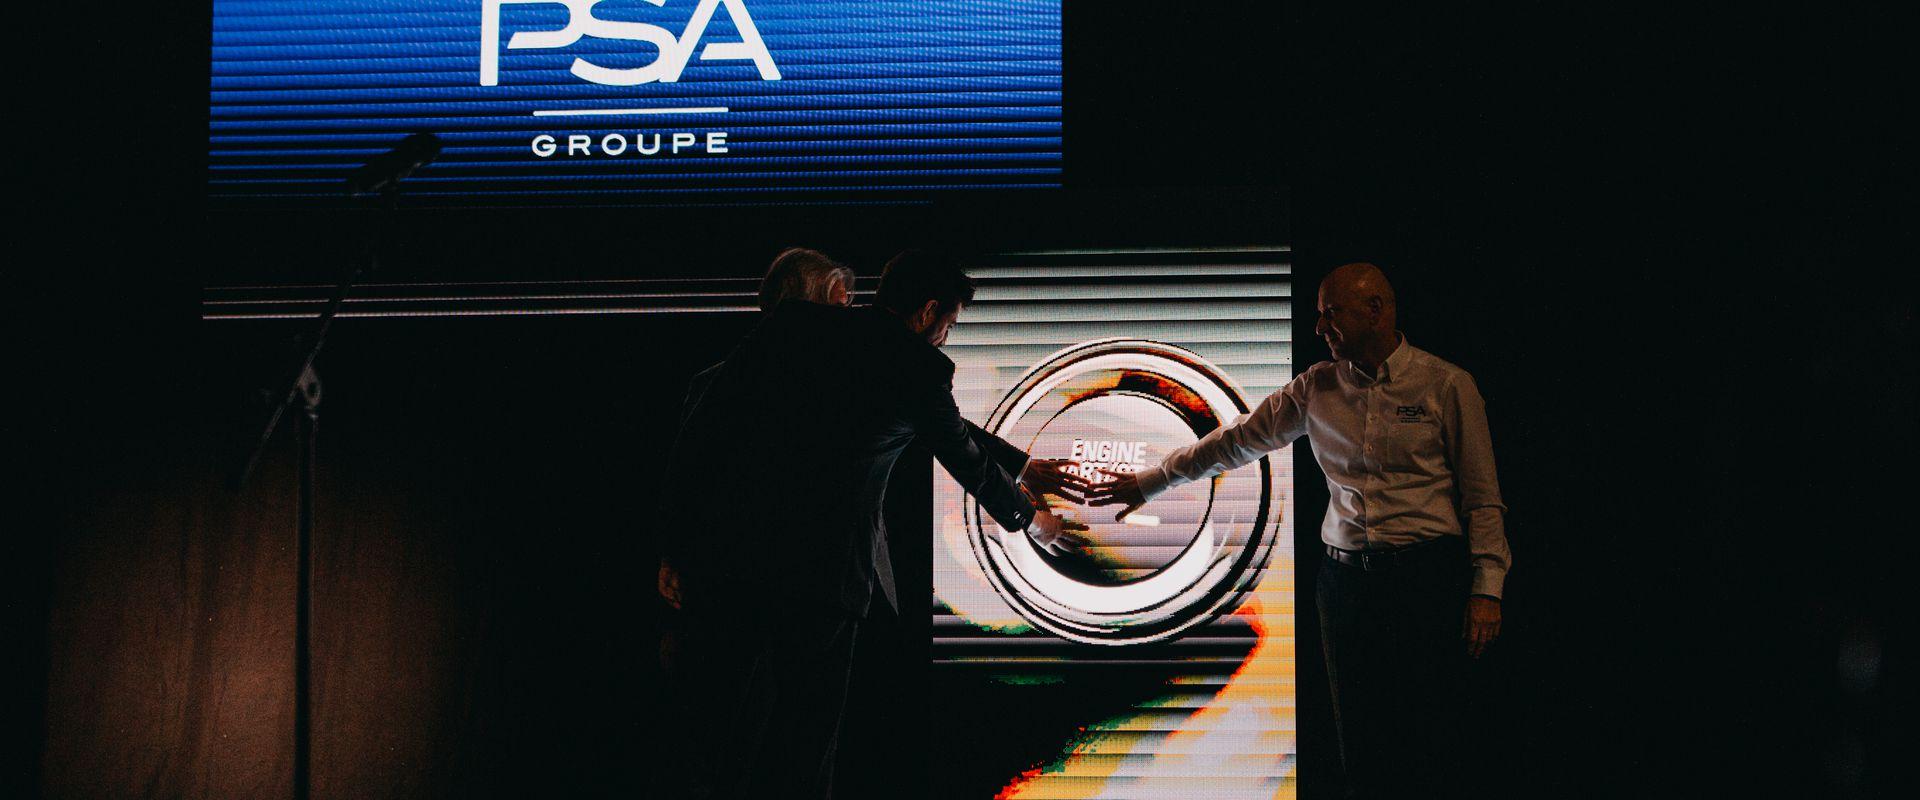 Megkezdődött a PSA csoport PureTech háromhengeres turbo benzinmotorjának a sorozatgyártása